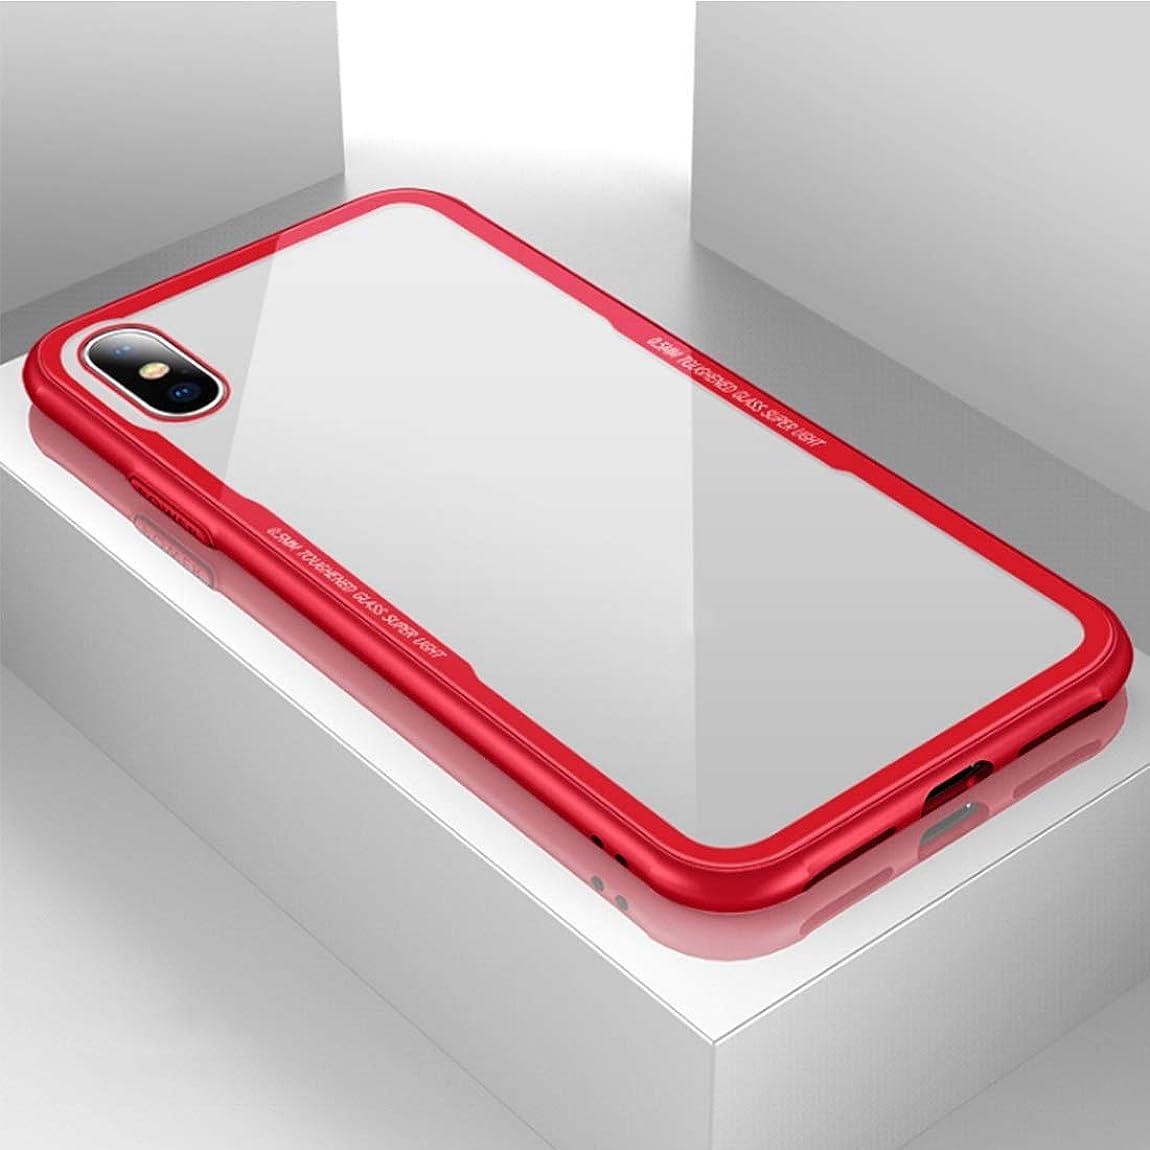 飢え娯楽鰐A 電話ケース対応iPhoneXケースPhone 8ケース防塵耐衝撃Phone 7 Phone 7/8、Phone 6 / 6s、Phone 6plus新しい D (Color : レッド, Size : IPhone 6plus/6splus)